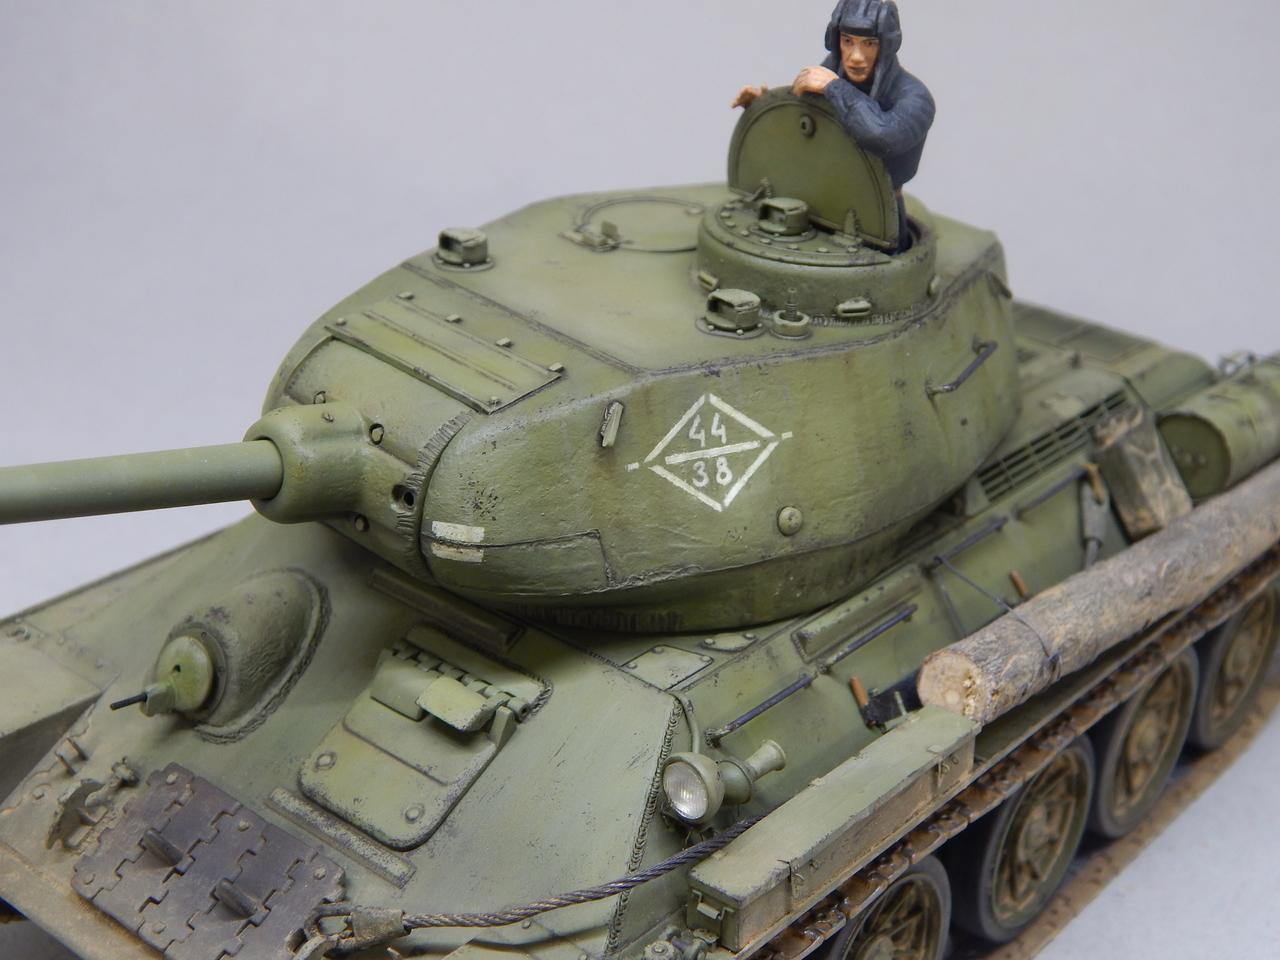 """""""Т-34/85. 1-я Гвардейская танковая армия, 11-й Гвардейский корпус, 44-я Гвардейская бригада."""" Берлин 1945 г. DSCN3097"""